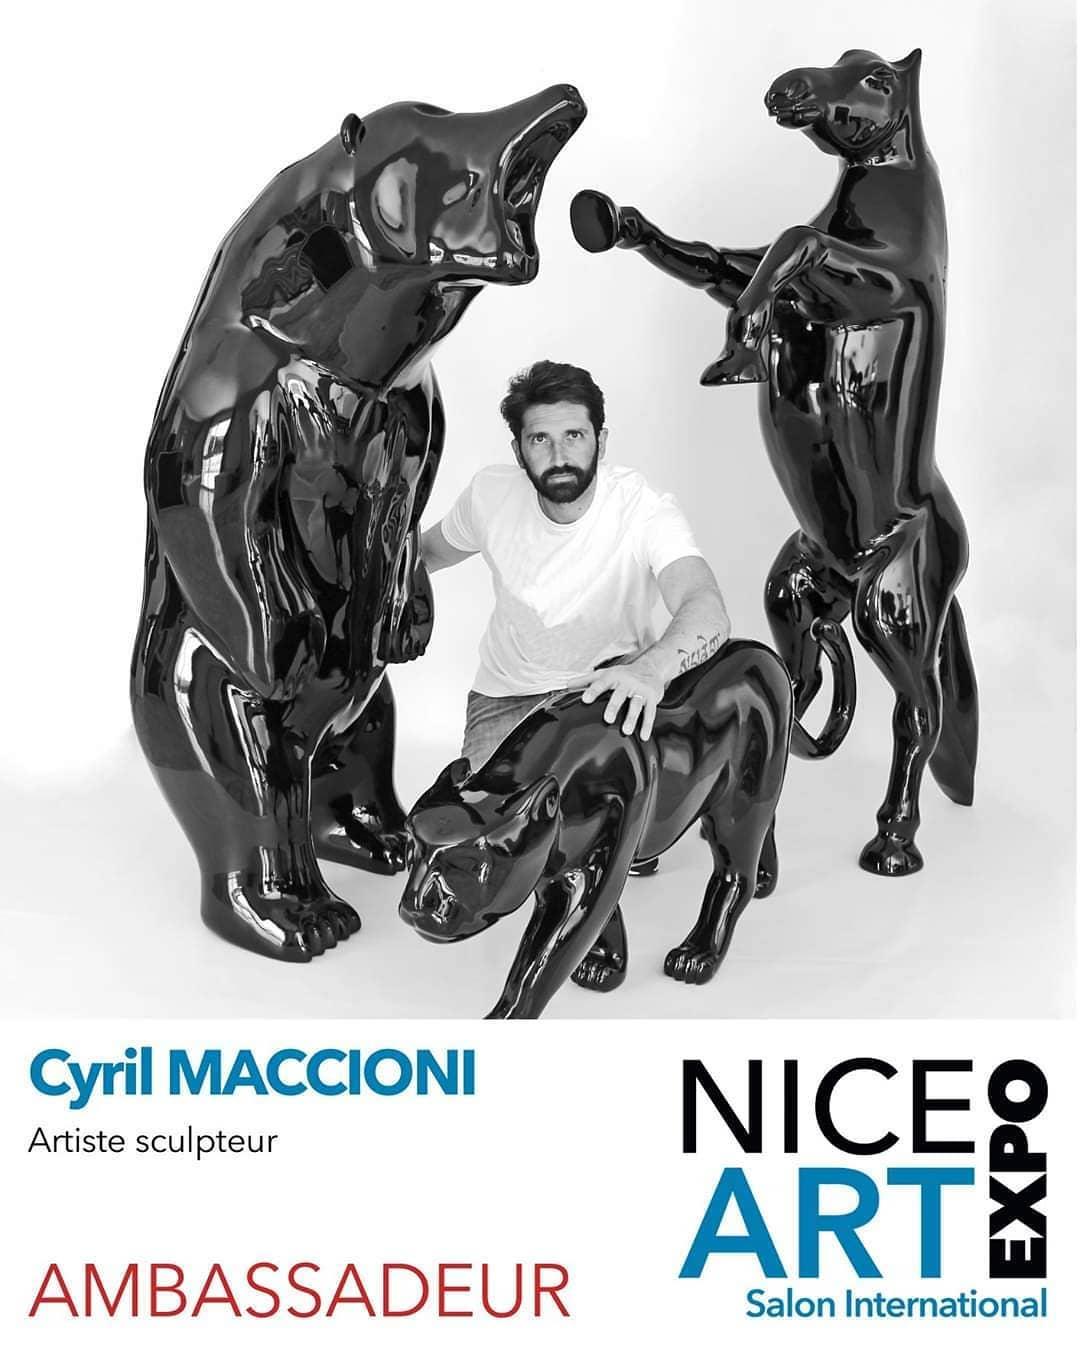 Cyril Maccioni sera présent au salon d'art contemporain Art Nice Expo du 9 au 11 avril 2021.